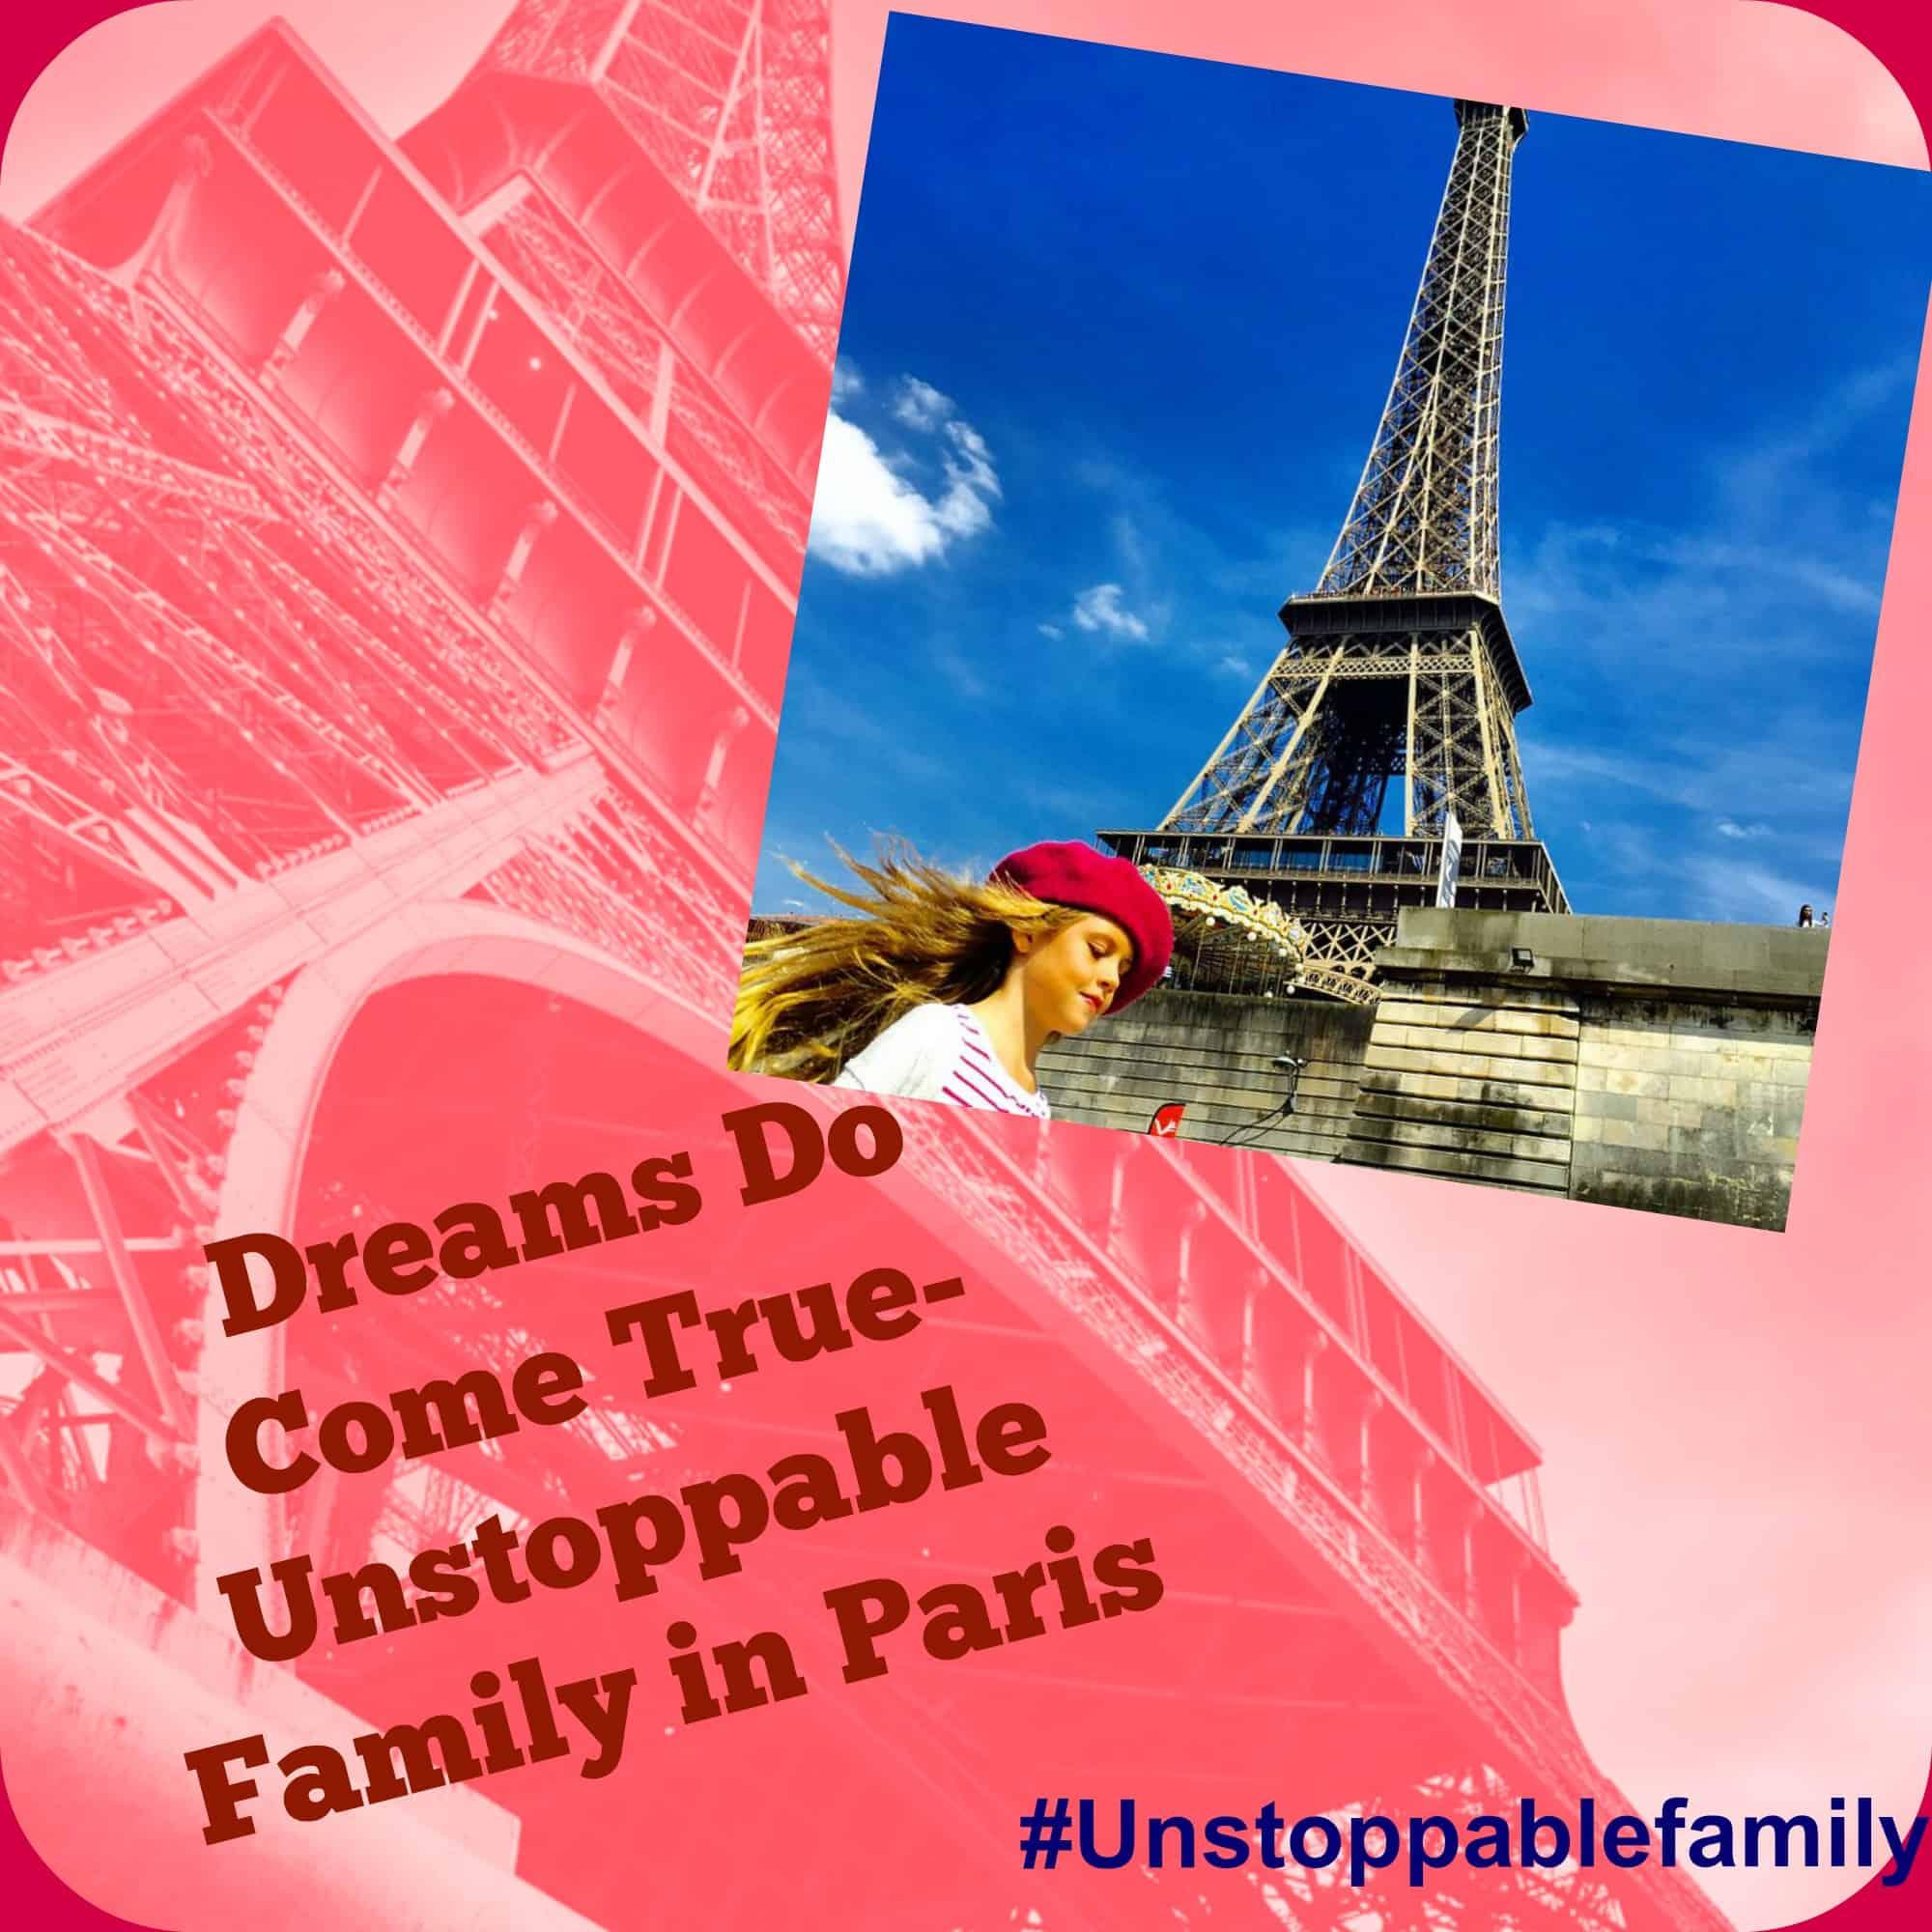 dreams do come true unstoppable family in paris